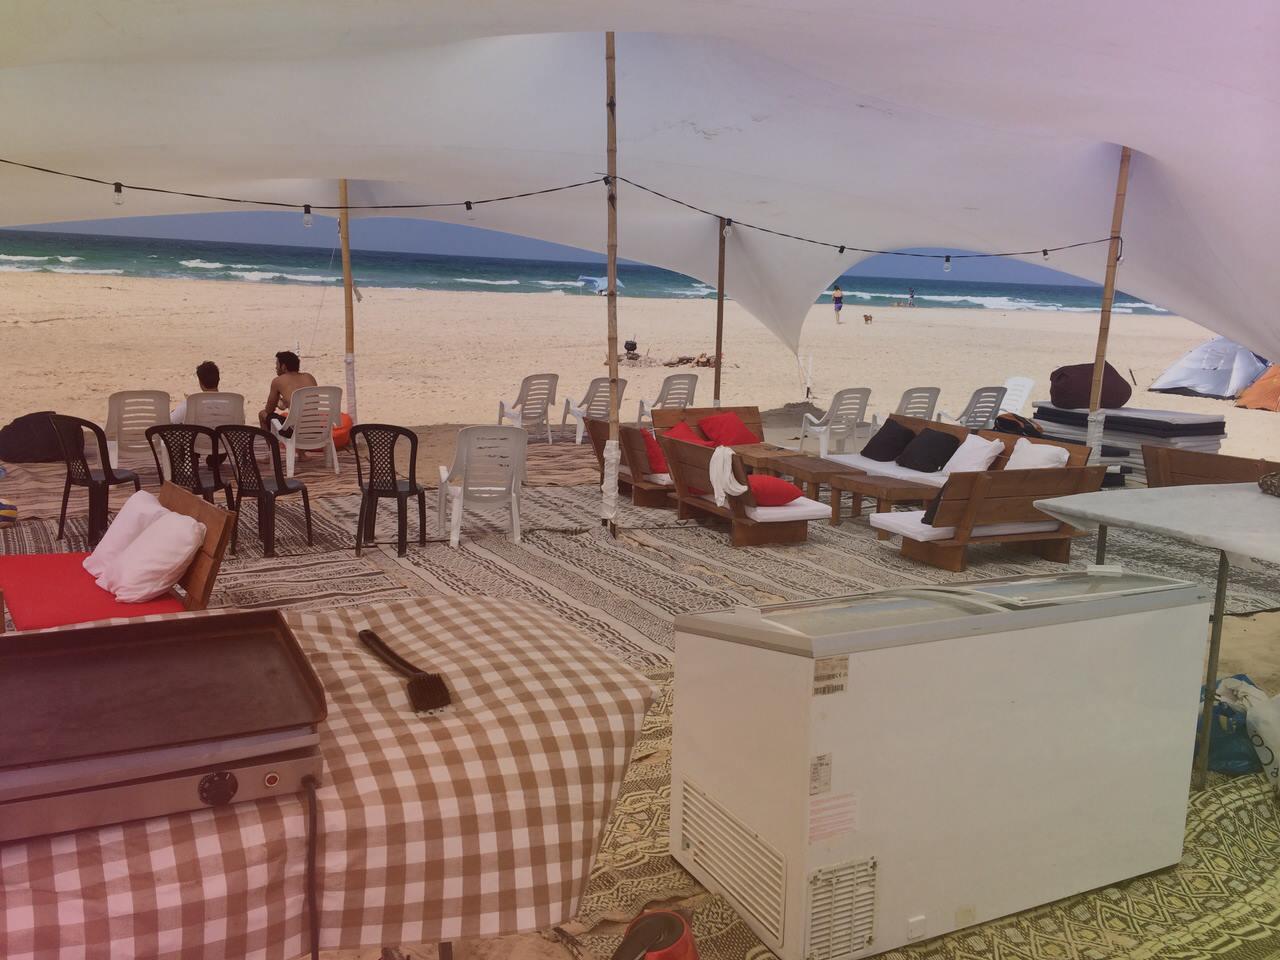 מפגש משפחות בחוף